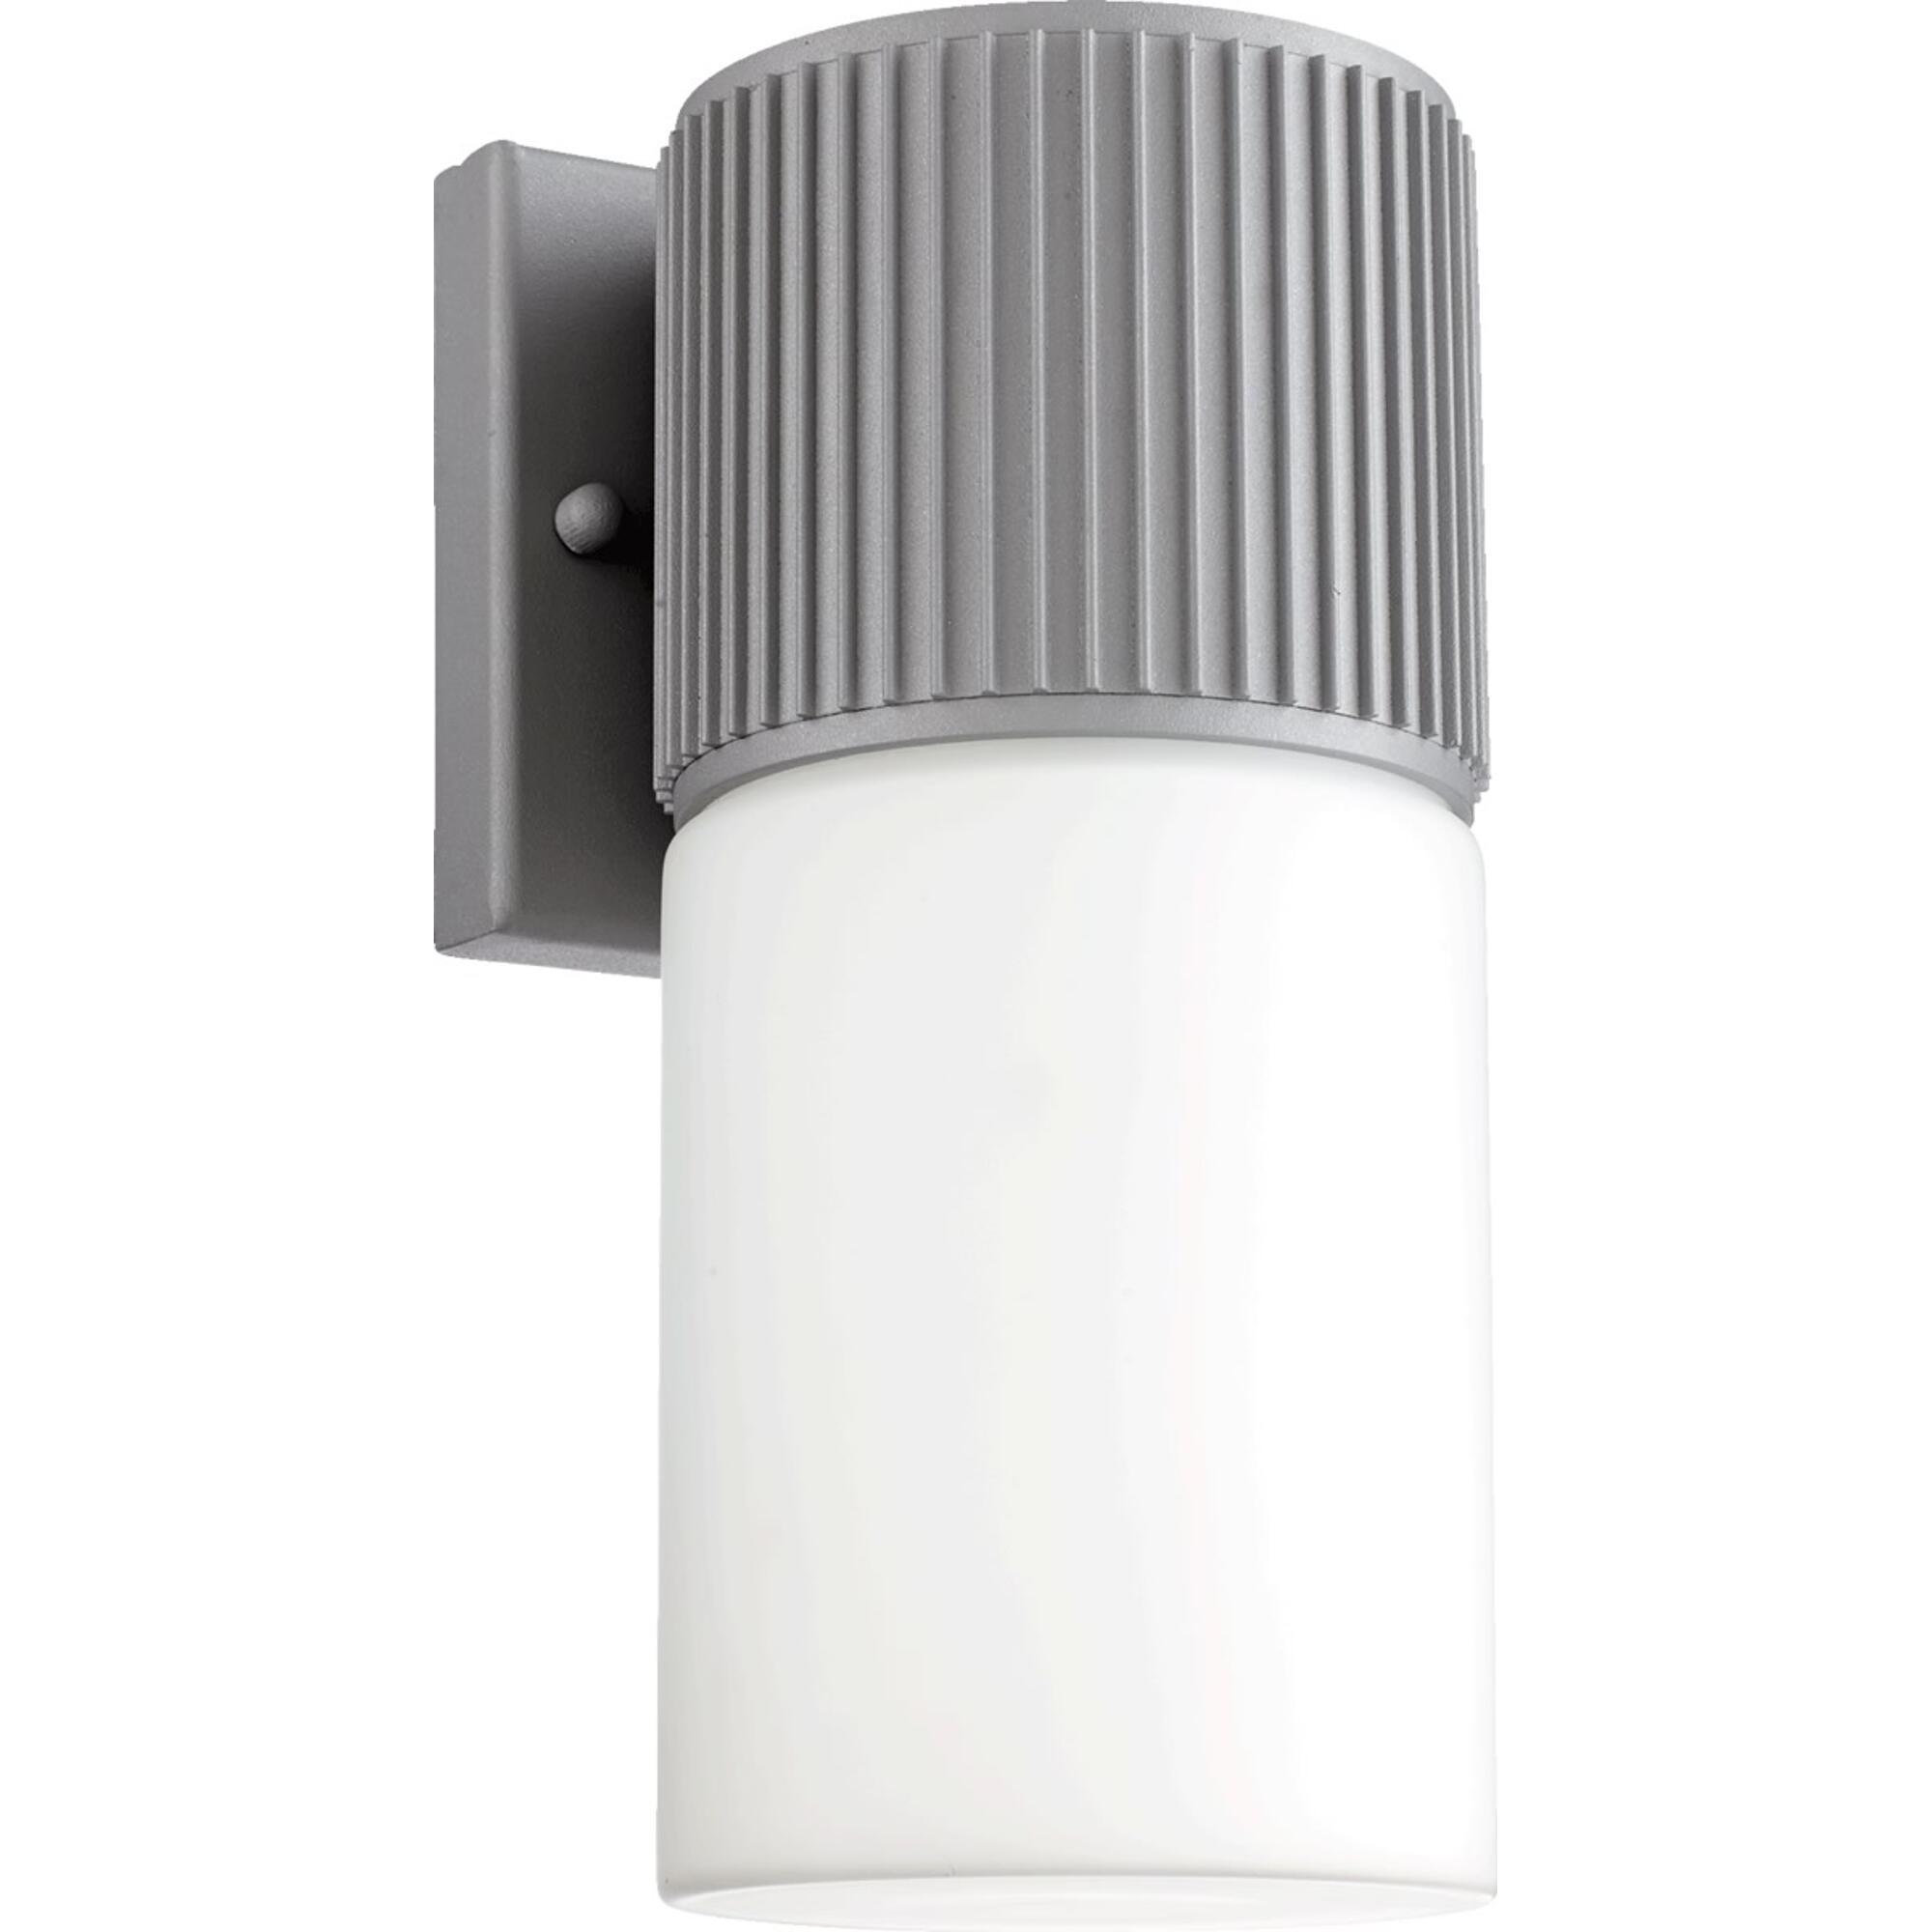 Manhattan 1-Light Wall Sconce Grey by Quorum. Modern Design Perfect for front door, garage door or back door